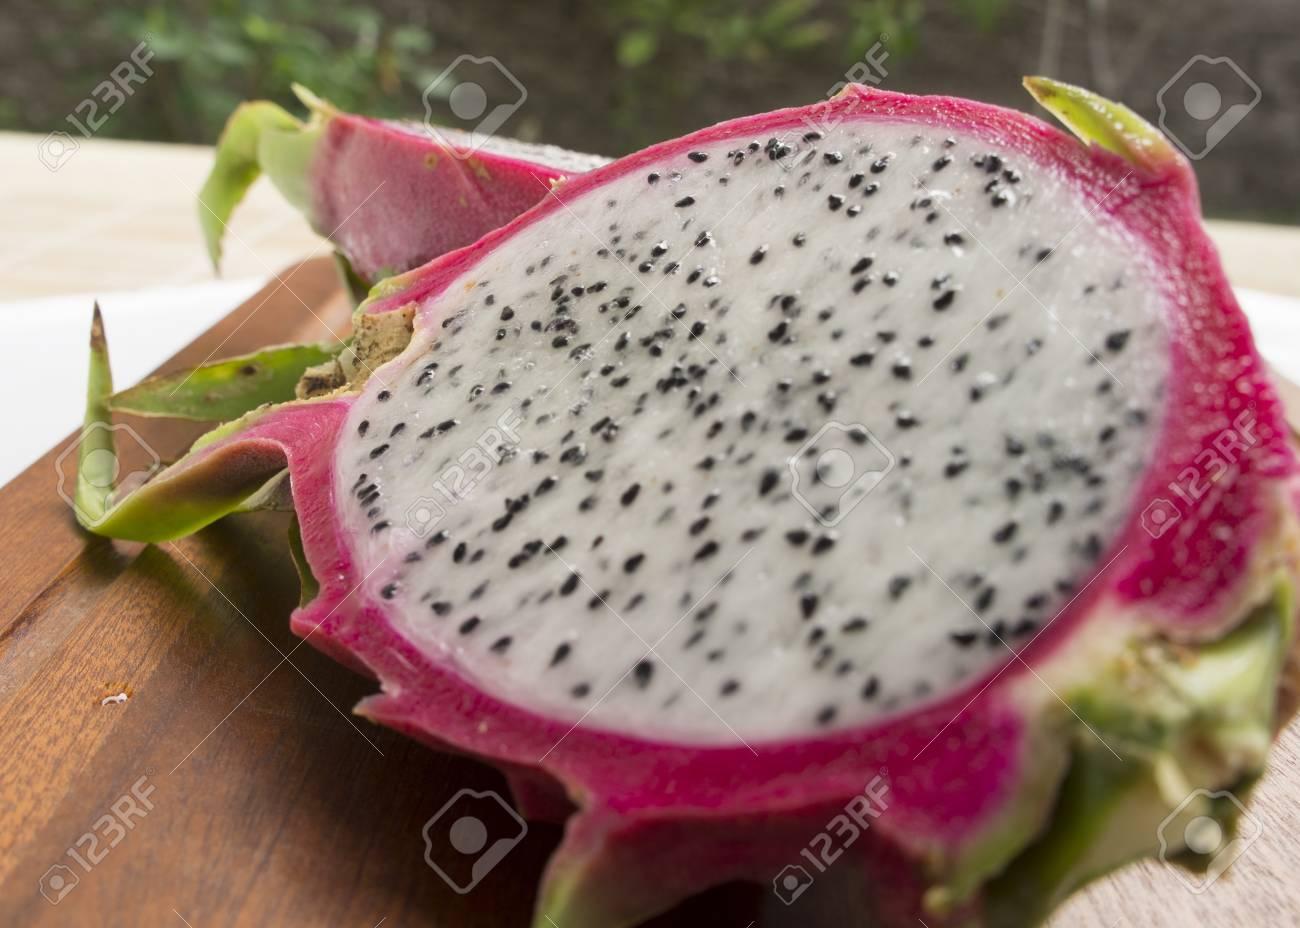 Fruta Del Dragon Pitahaya Pitaya Tropical Saludable Tailandes Fotos